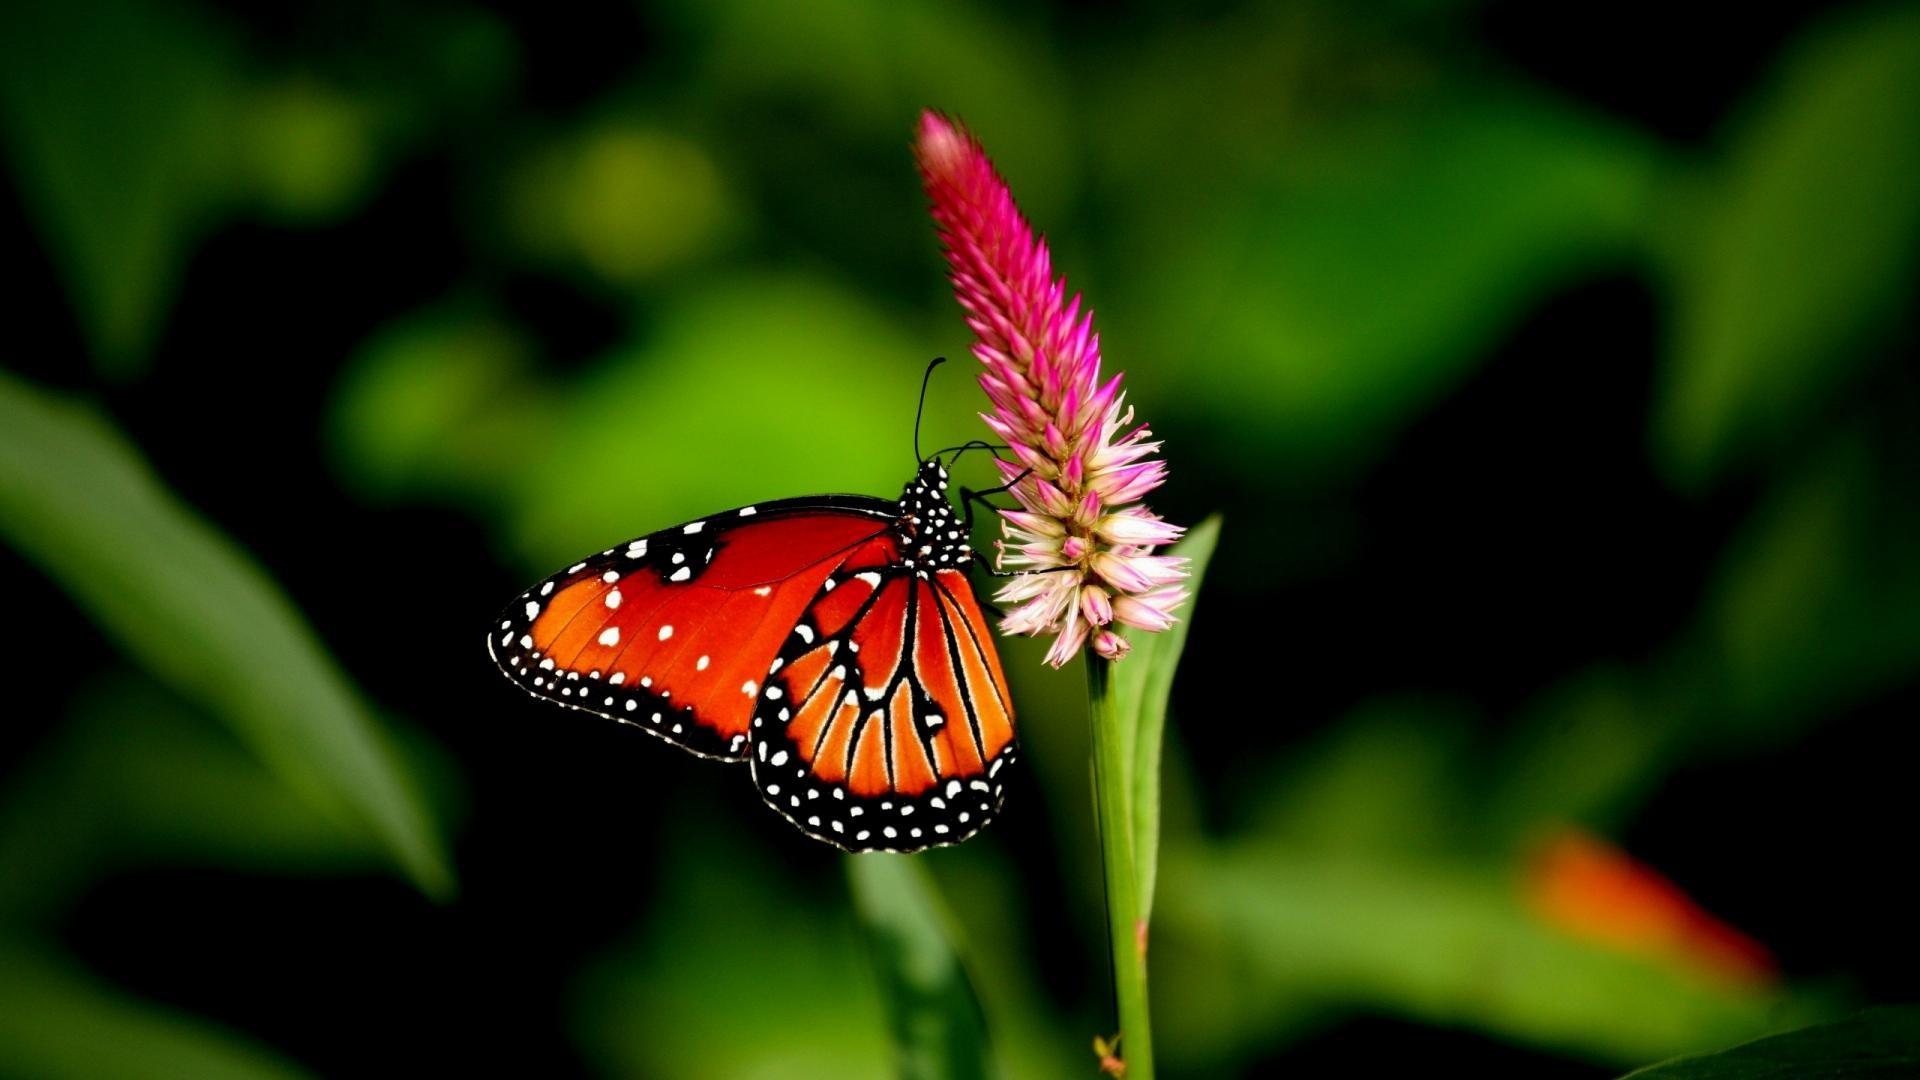 Разные бабочки  № 2033658 бесплатно